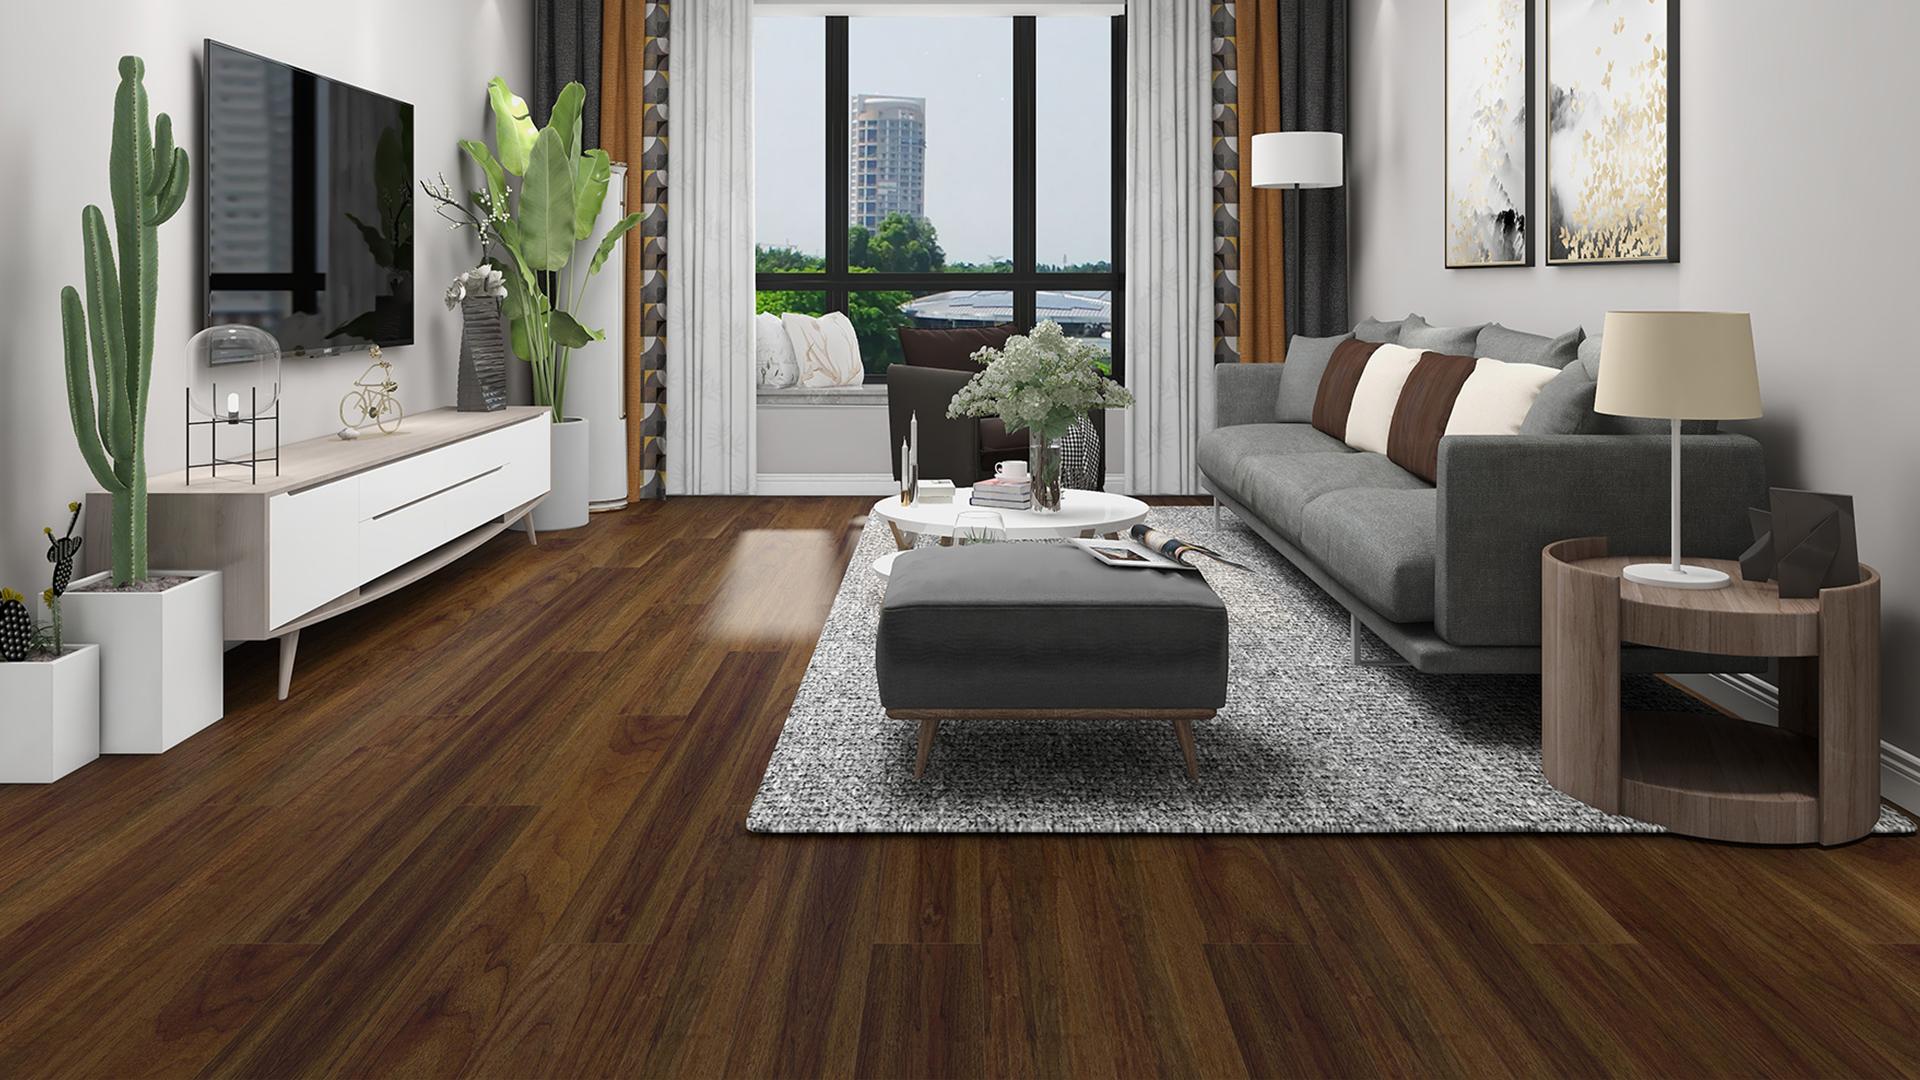 比利时PAR-KY高科技实木复合地板,奢华胡桃木